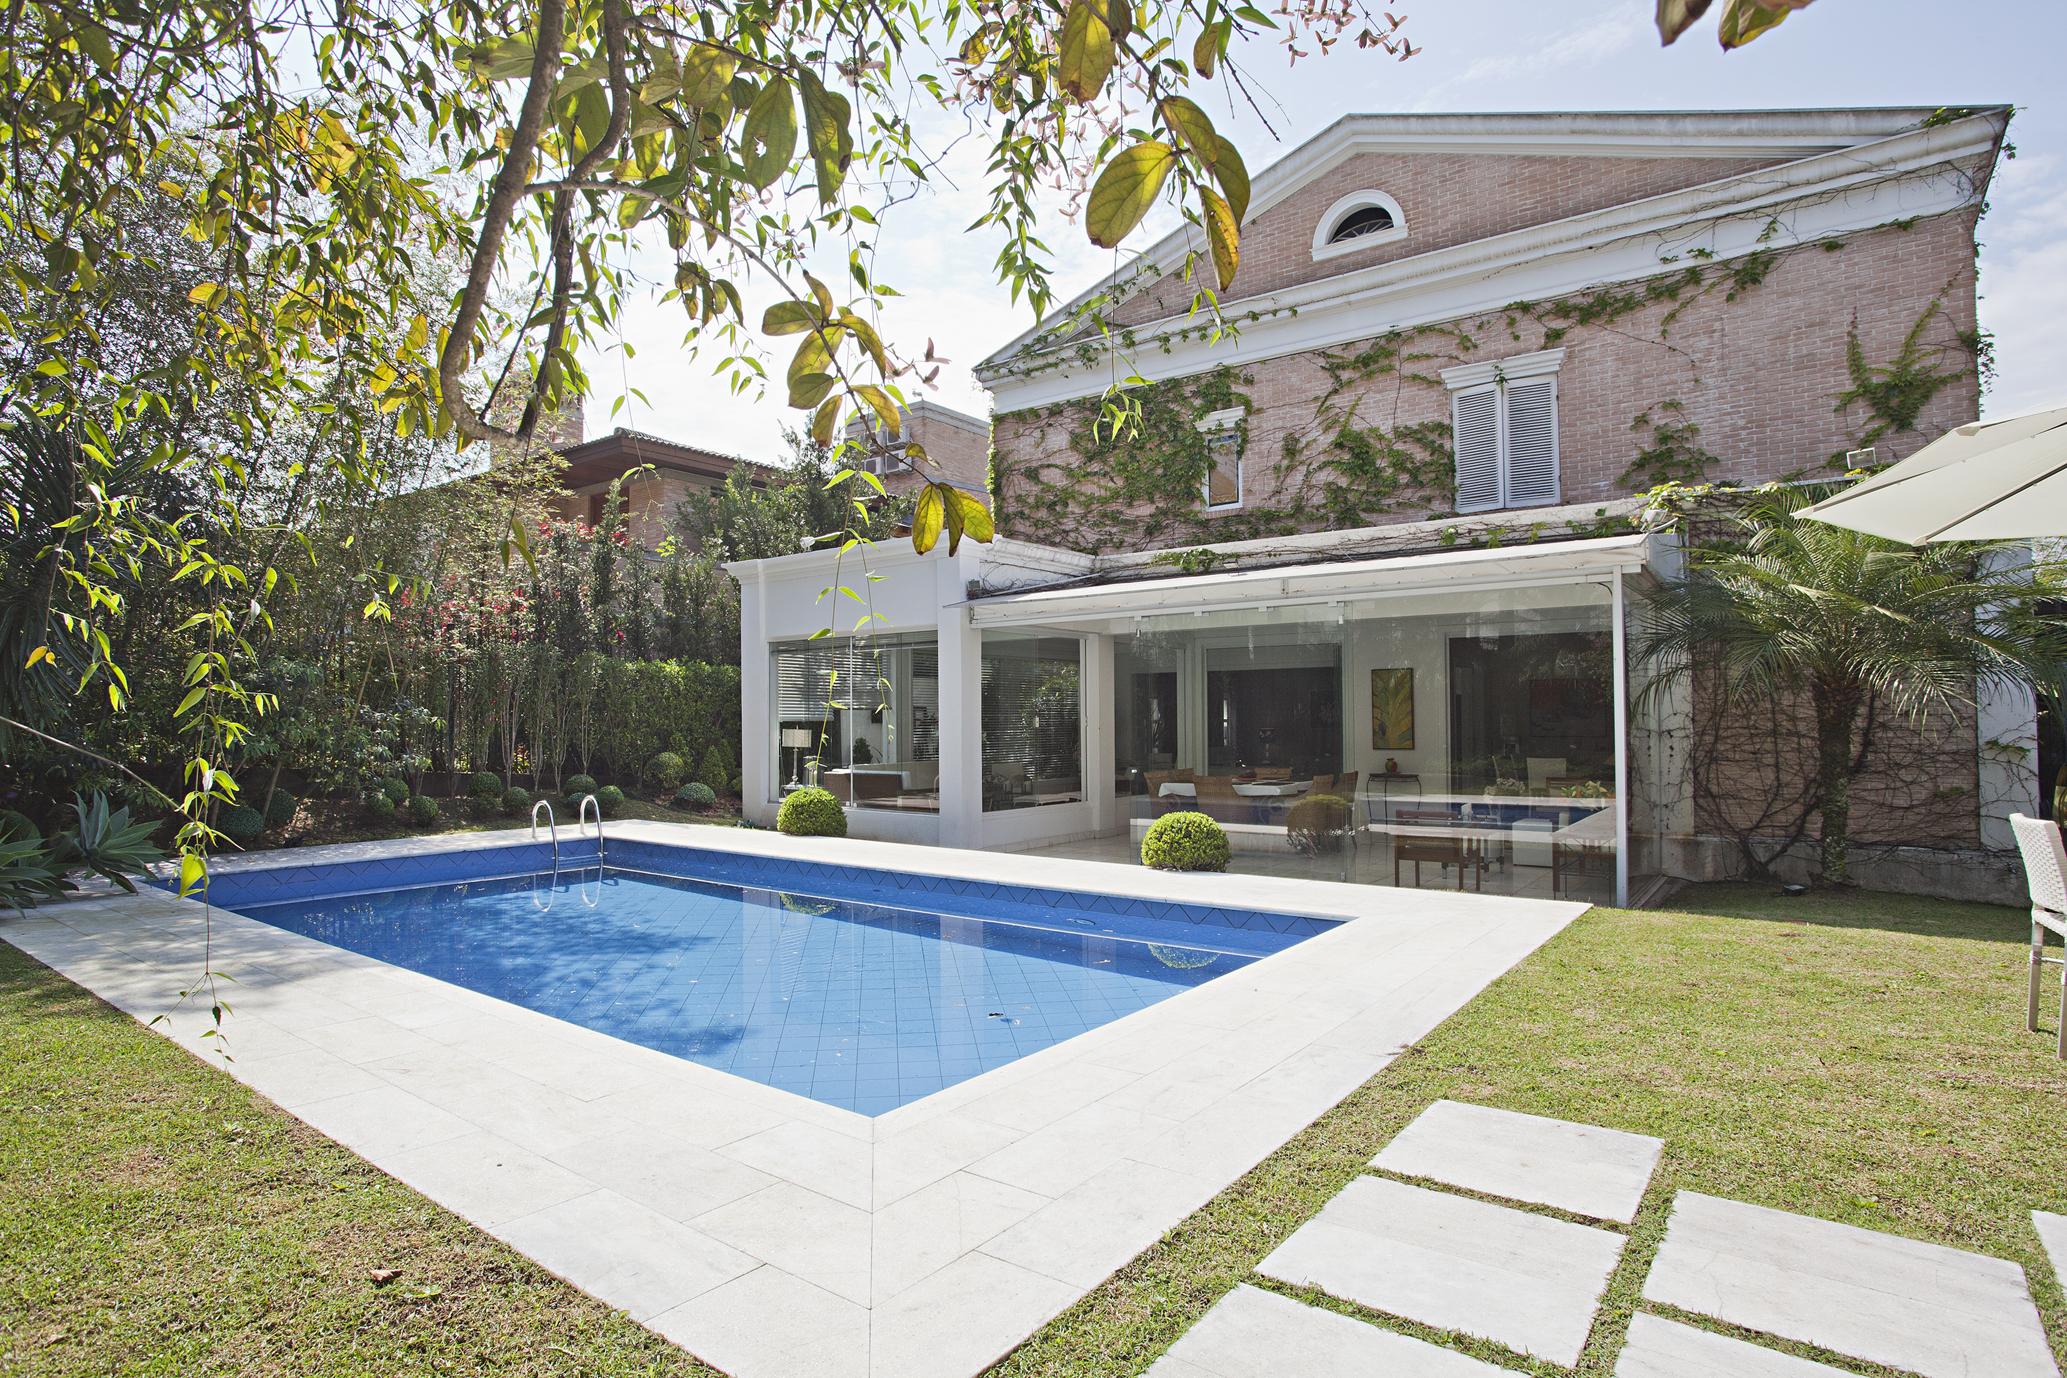 단독 가정 주택 용 매매 에 European Style Rua Joaquim Candido de Azevedo Marques Sao Paulo, 상파울로, 05688020 브라질